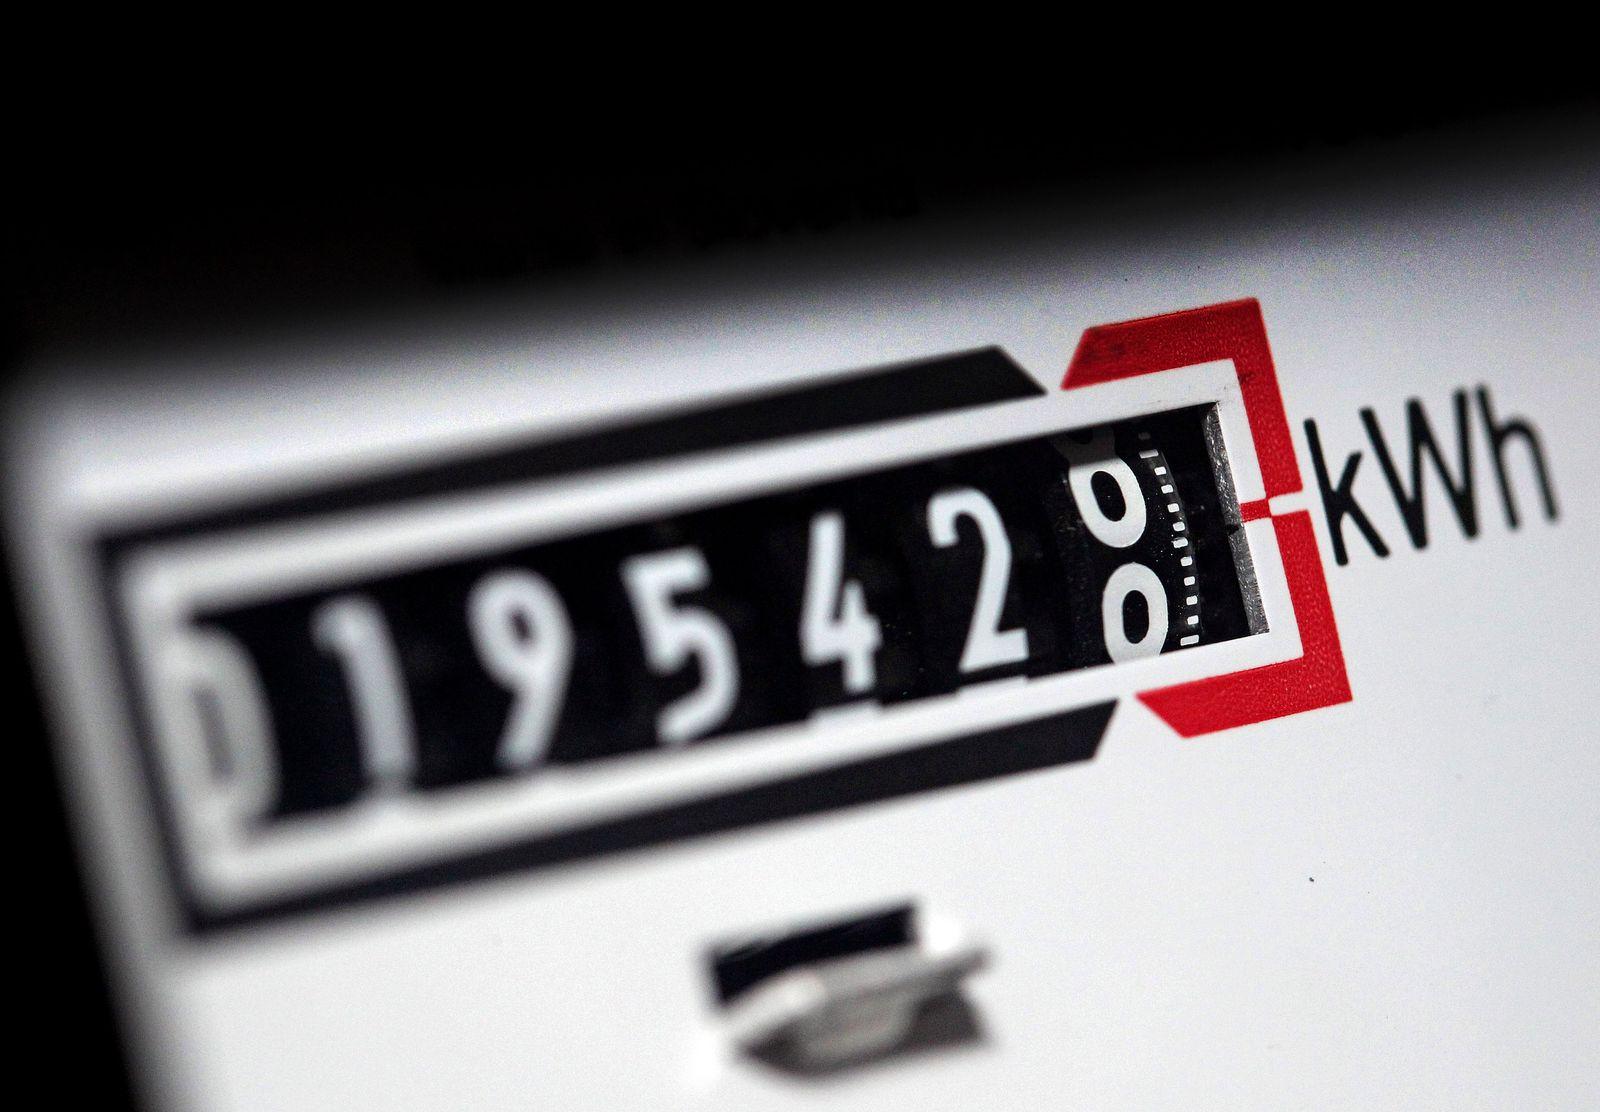 Strompreise steigen weiter - jetzt erhöhen auch die großen Versor